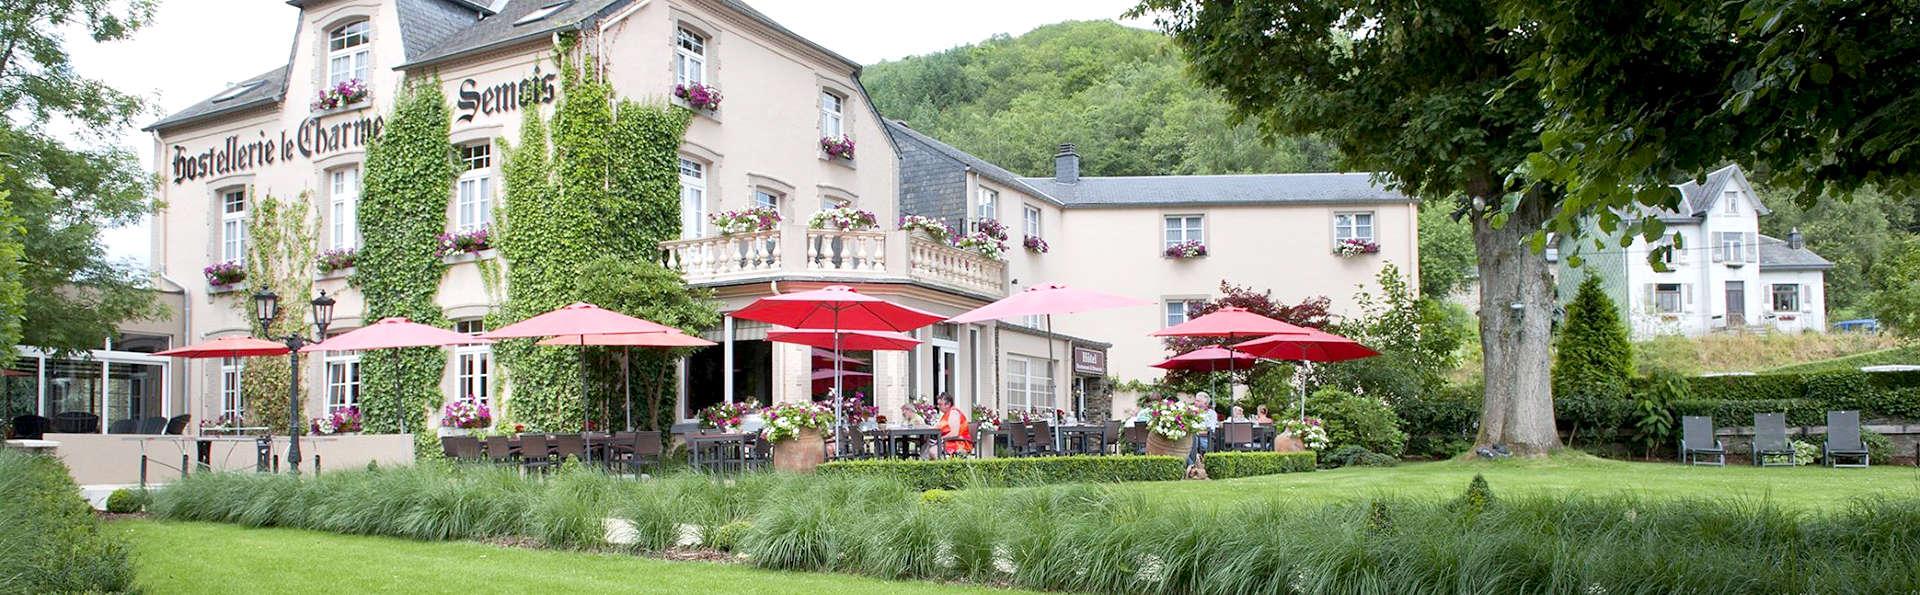 Hostellerie Le Charme de la Semois - Edit_Front2.jpg